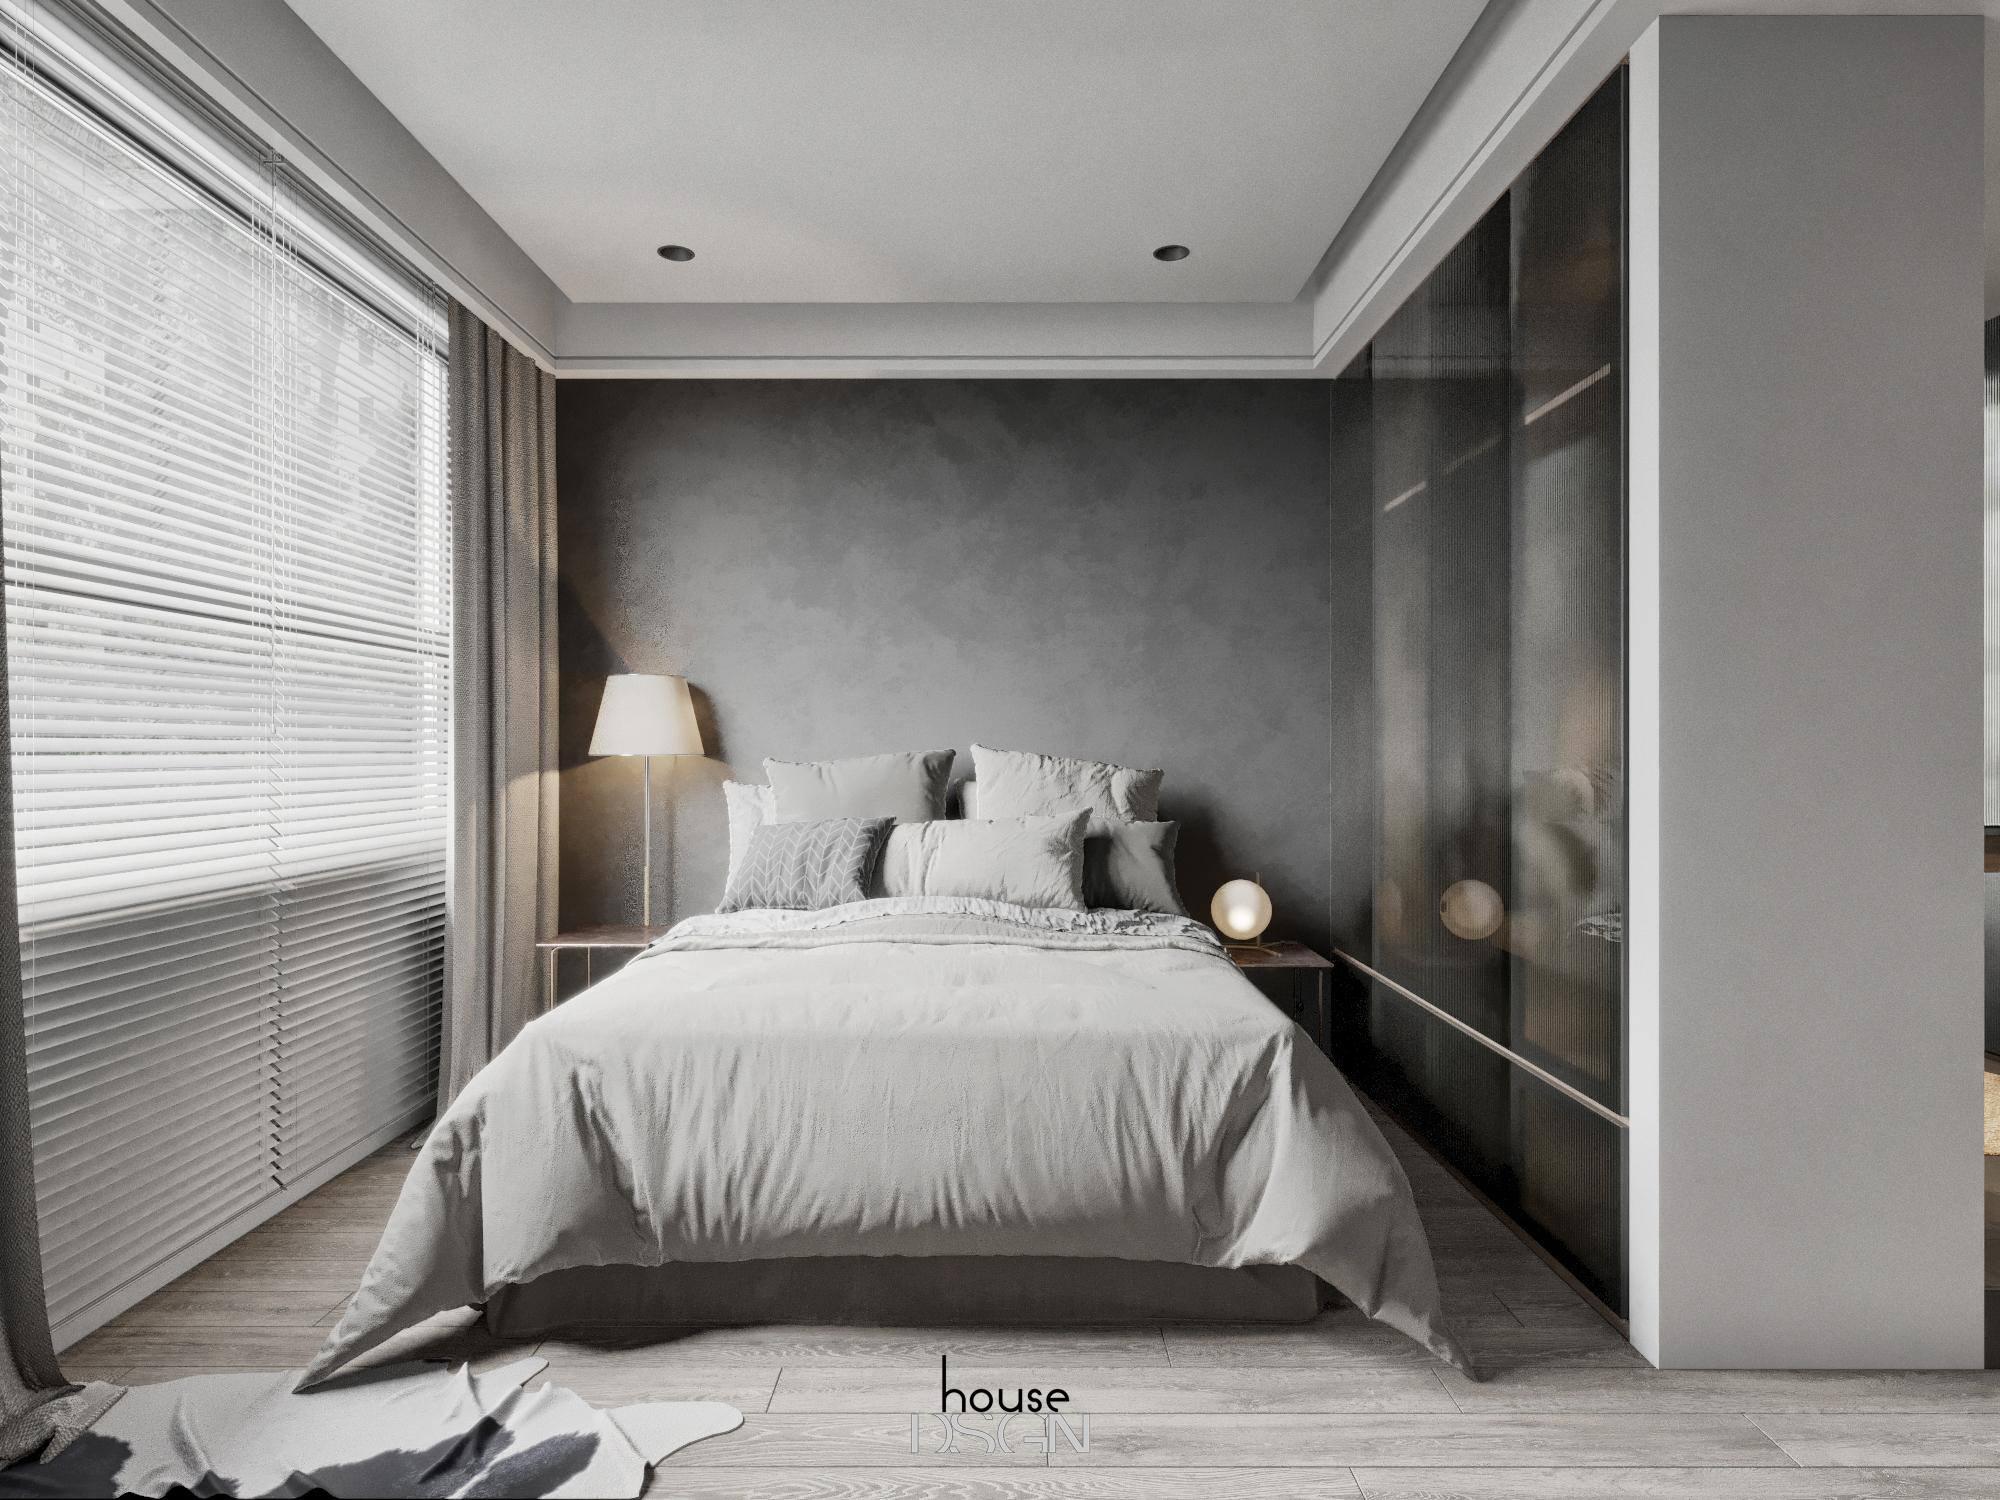 tiêu chuẩn khách sạn 4 sao - Housedesign